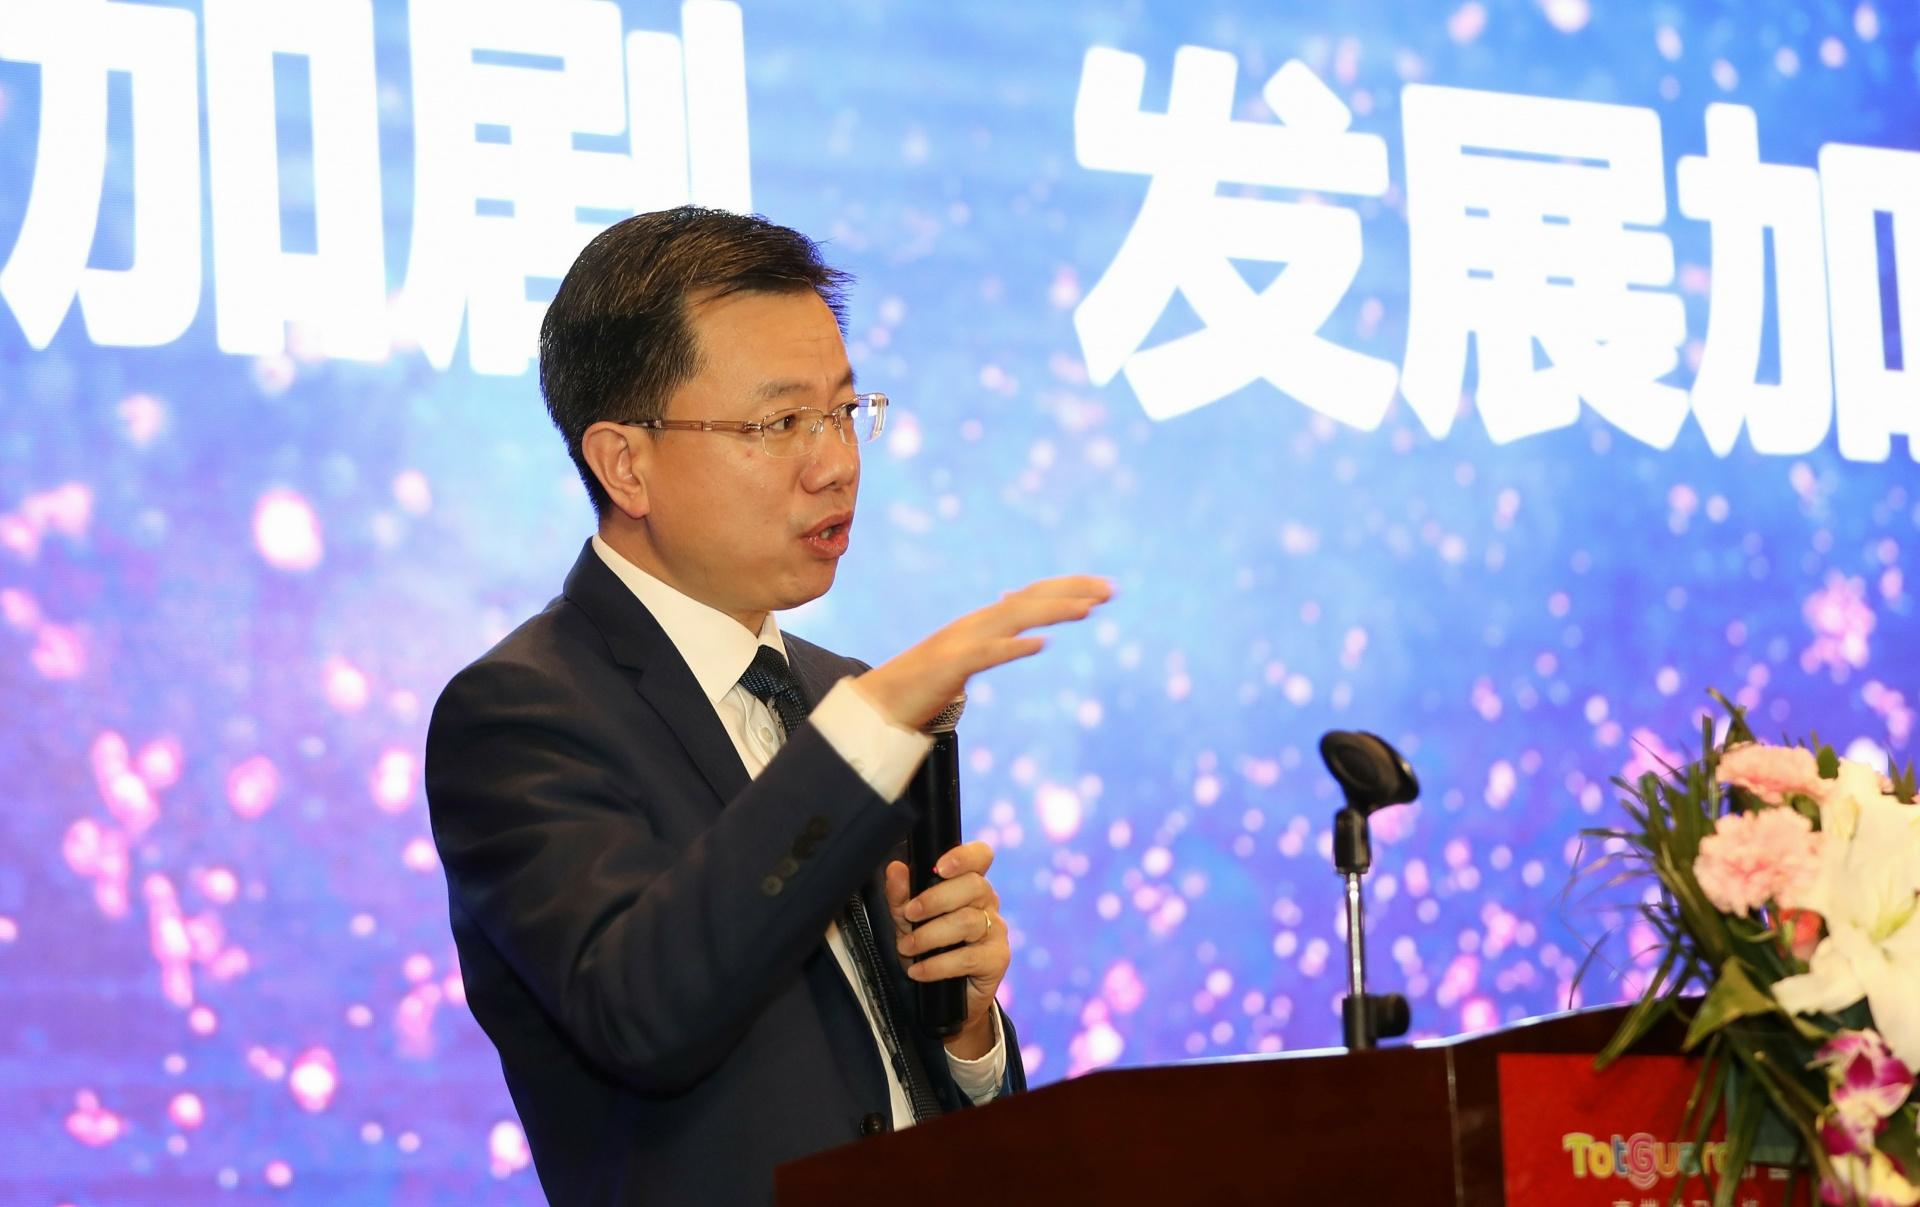 双轮驱动,行稳致远 | 护童2019年度全国经销商大会在杭召开